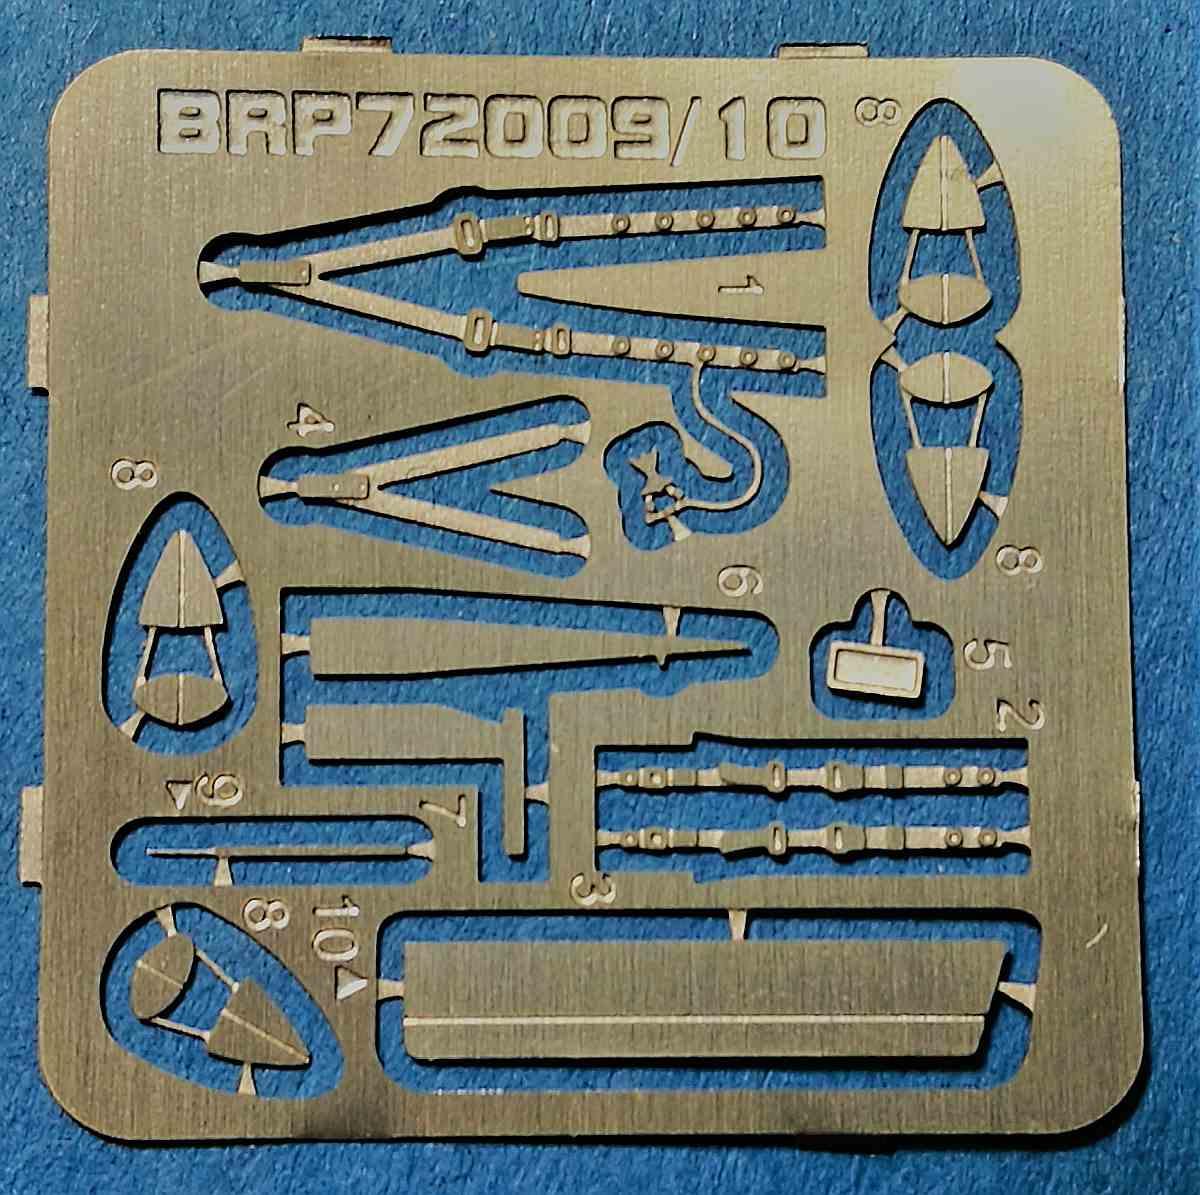 Brengun-BRP-72009-Spitfire-Mk.-Vb-Floatplane-24 Spitfire Mk. Vb Floatplane in 1:72 von Brengun # BRP 72009